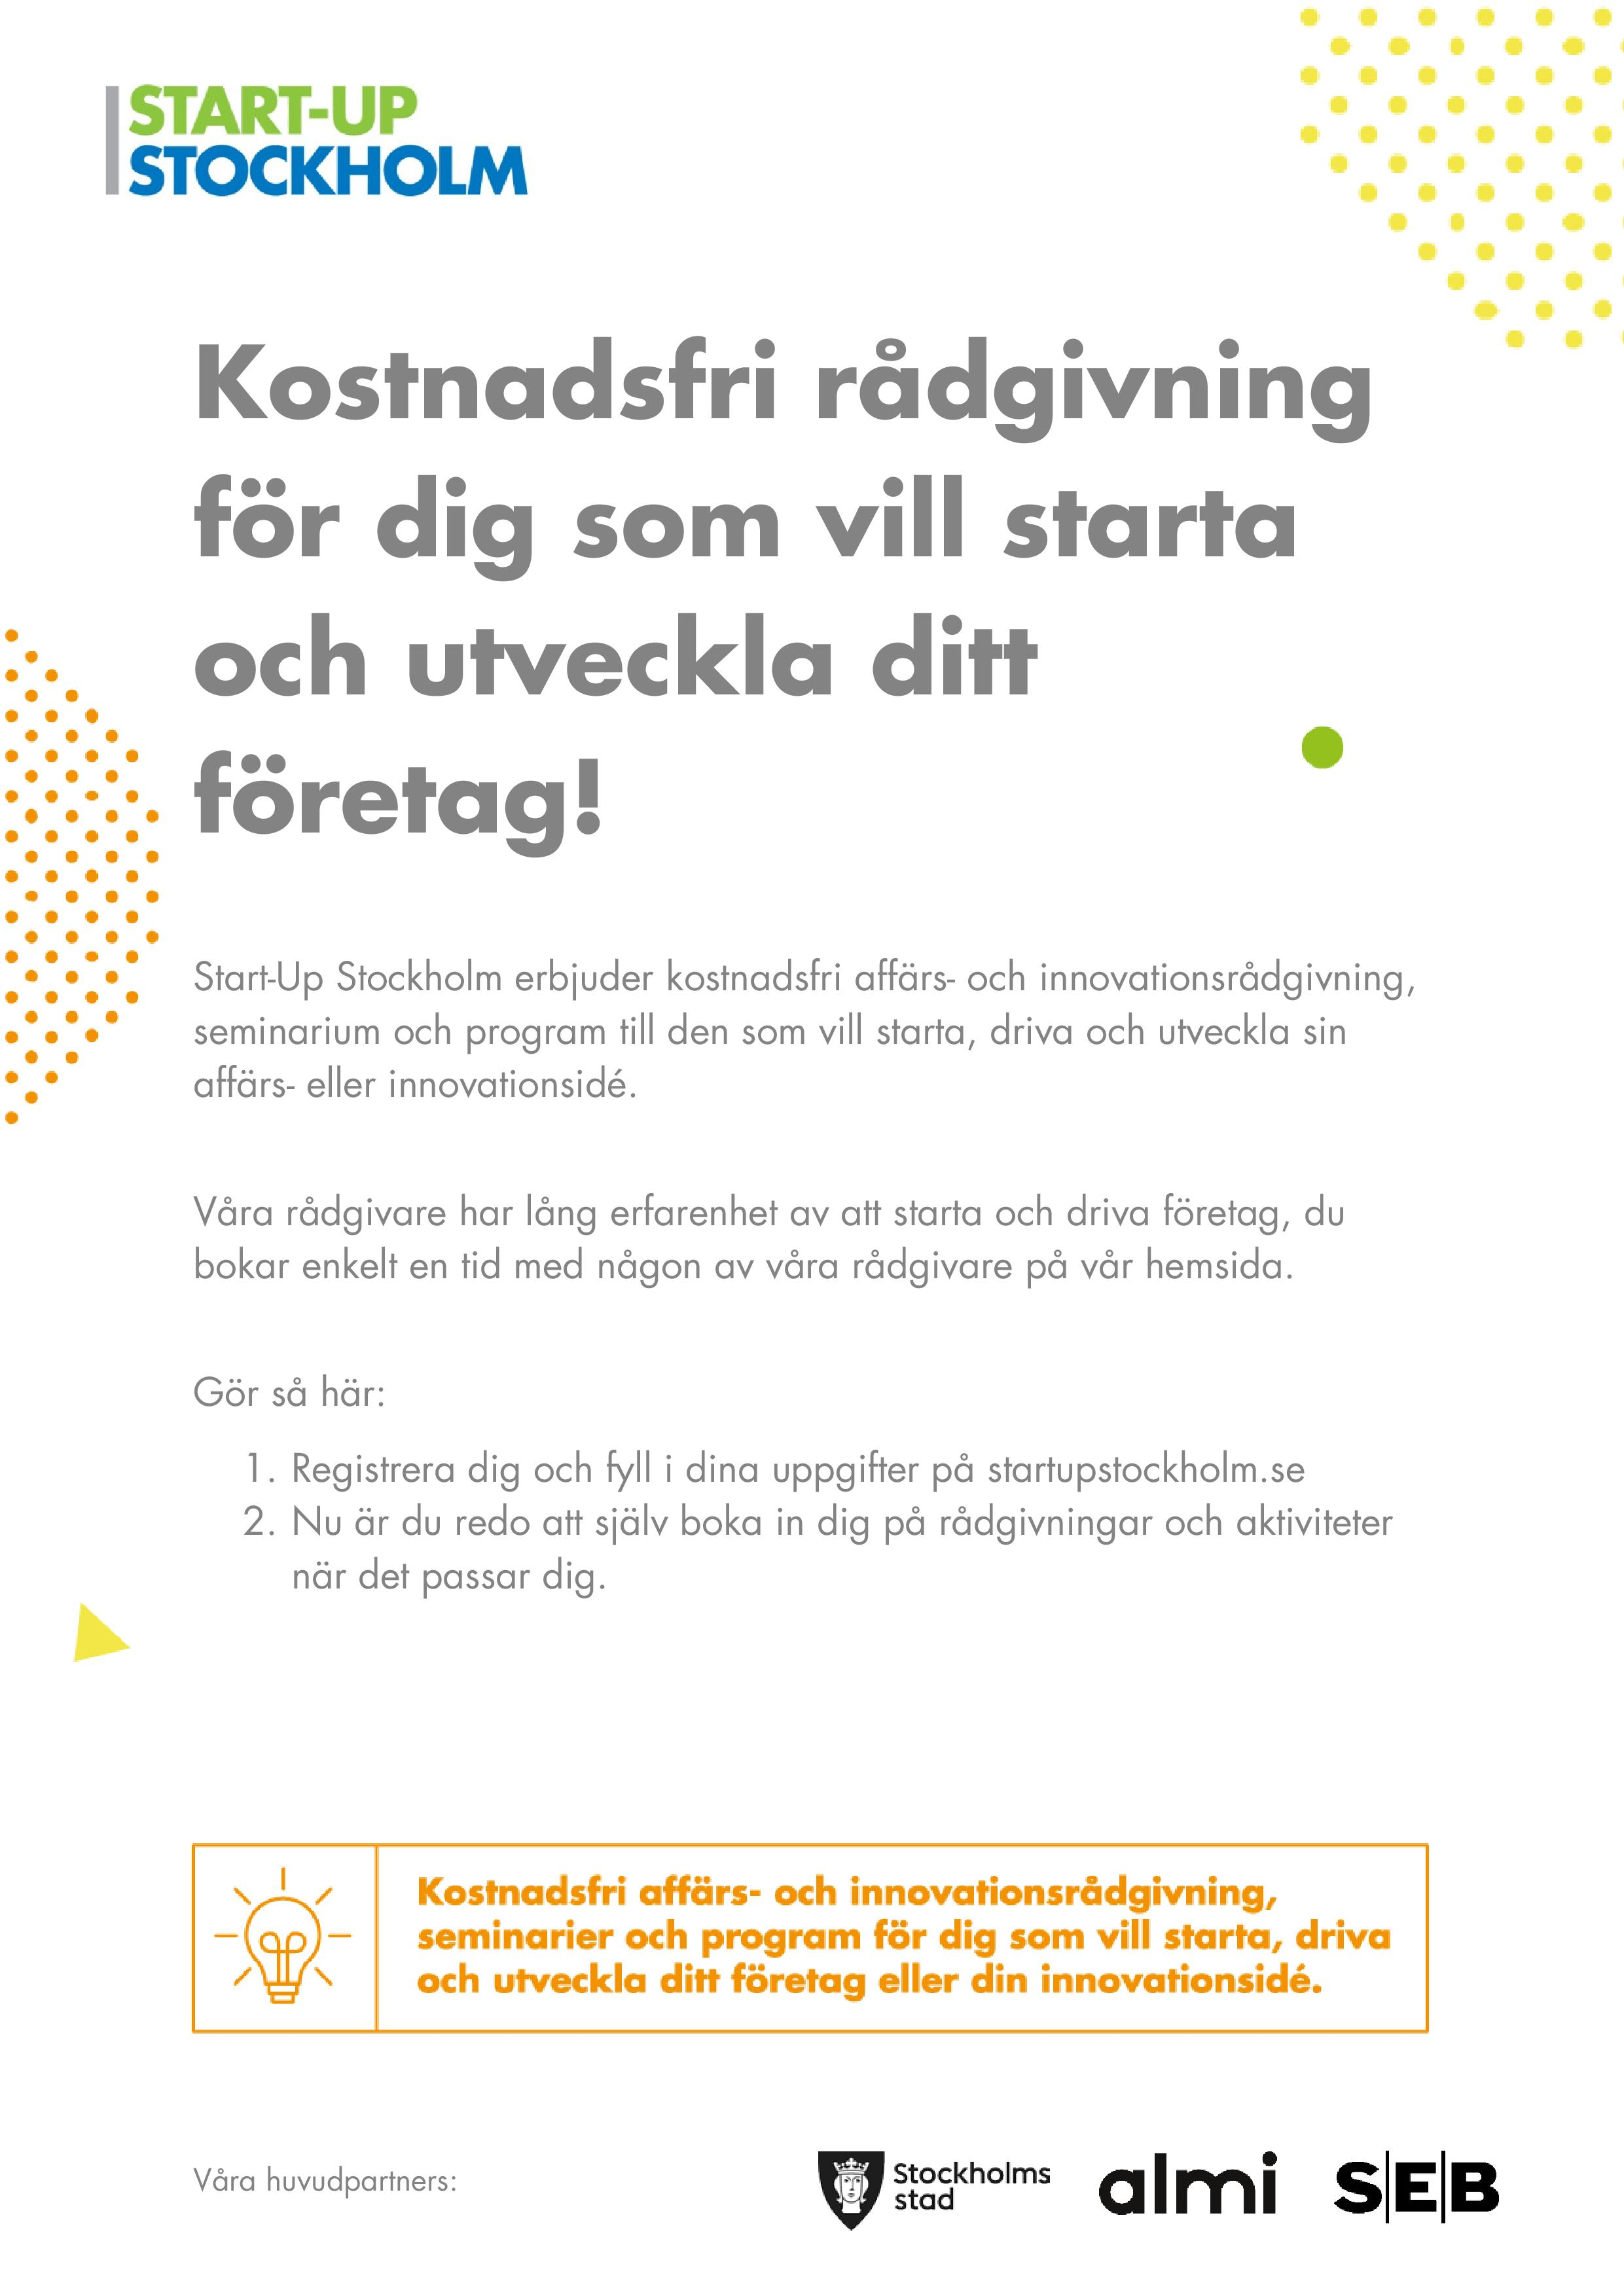 Digitalaffisch_a4_sve-page-001